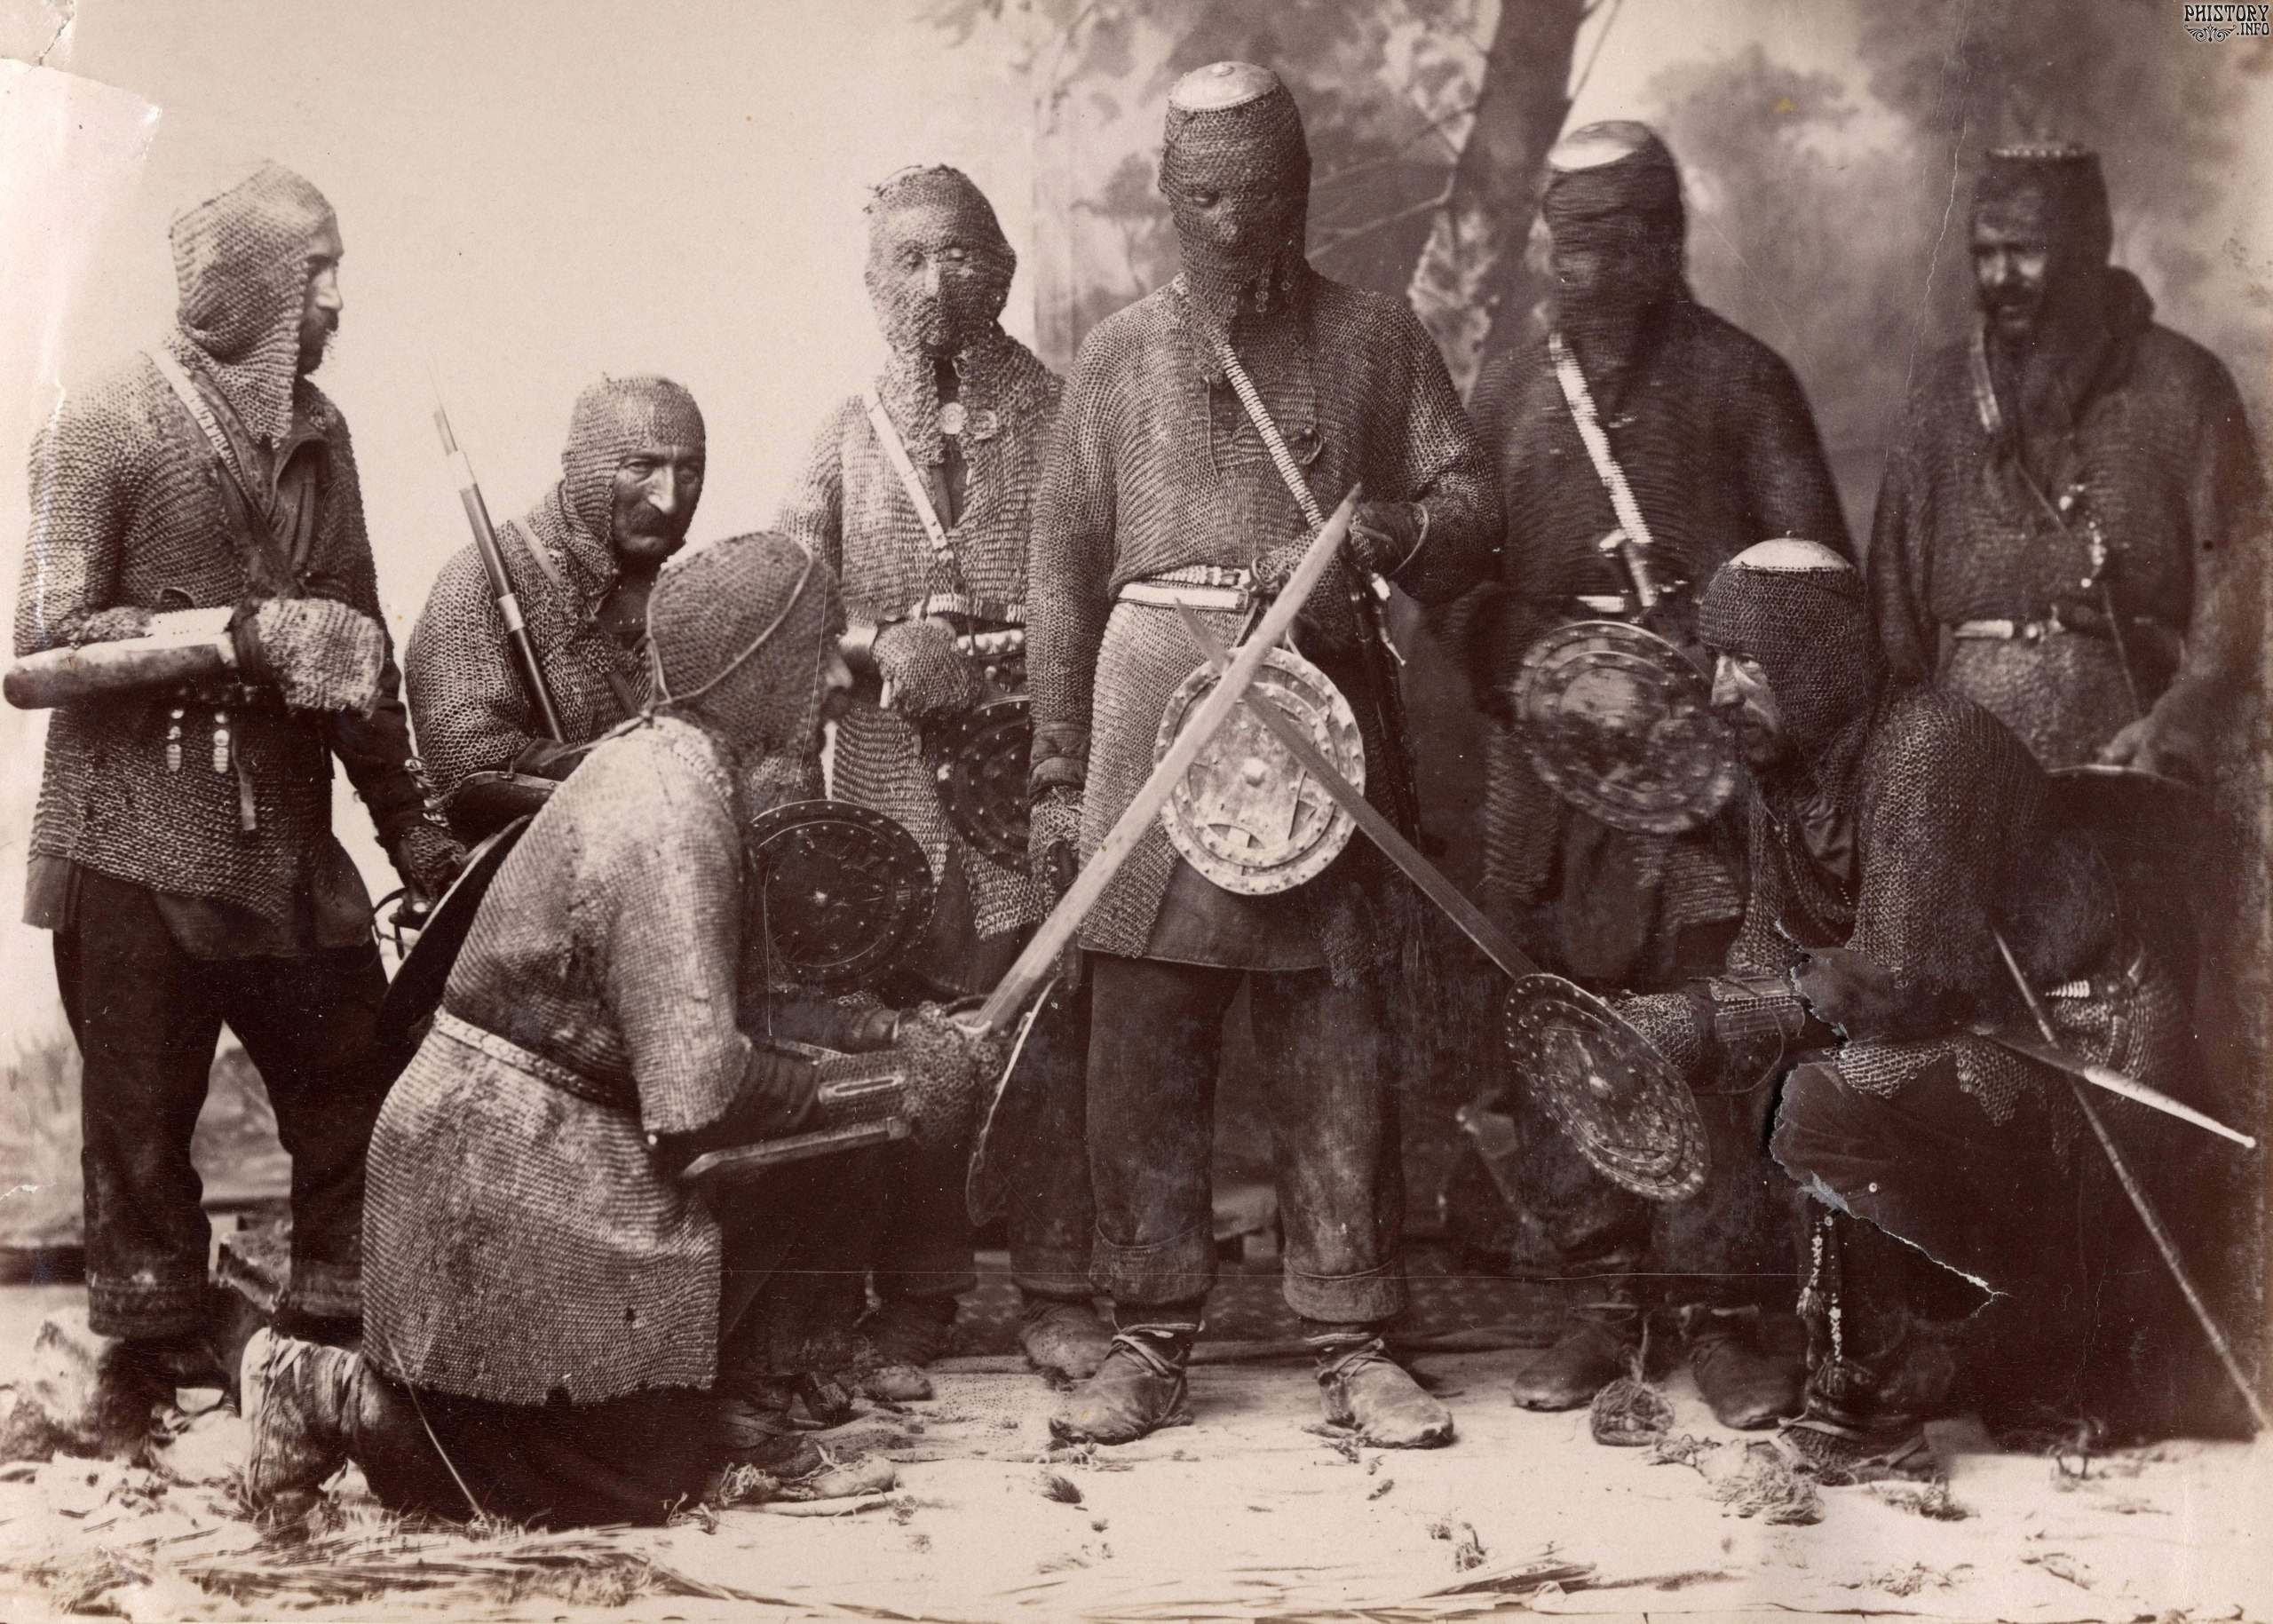 Хевсуры - воины кавказских гор